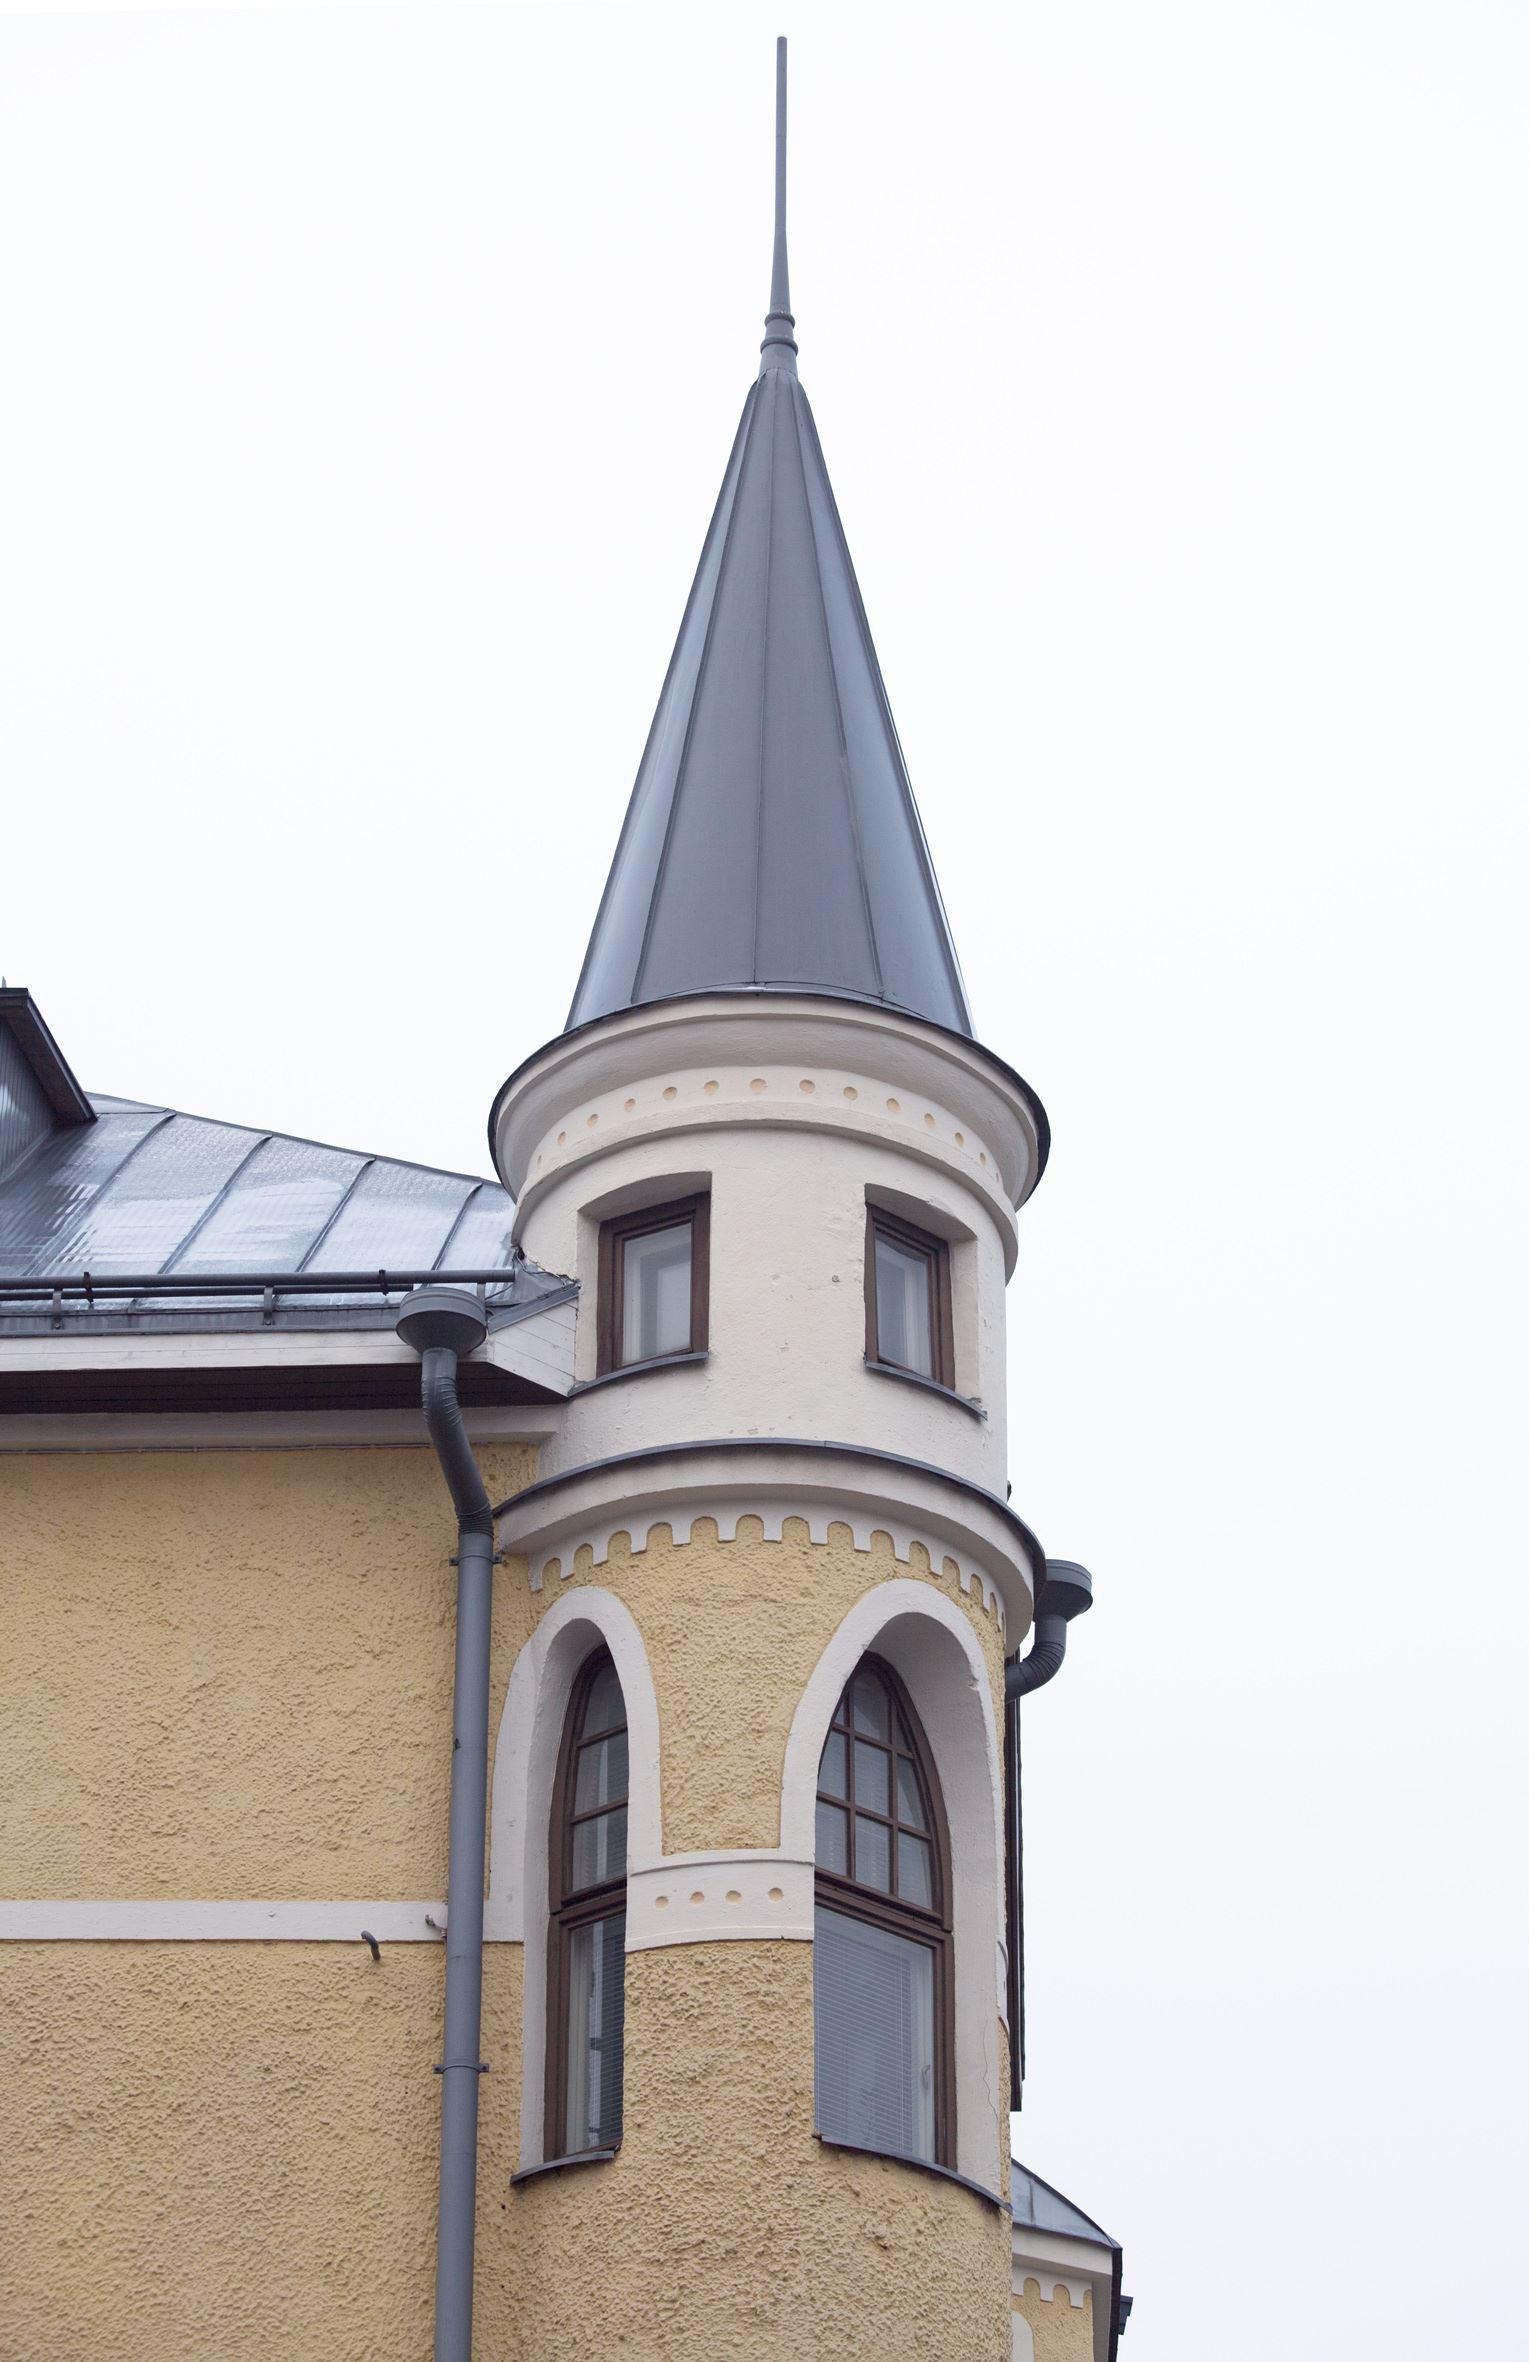 Jugendtalot Lahdessa -teemaopastus | Lahden kaupunginmuseo